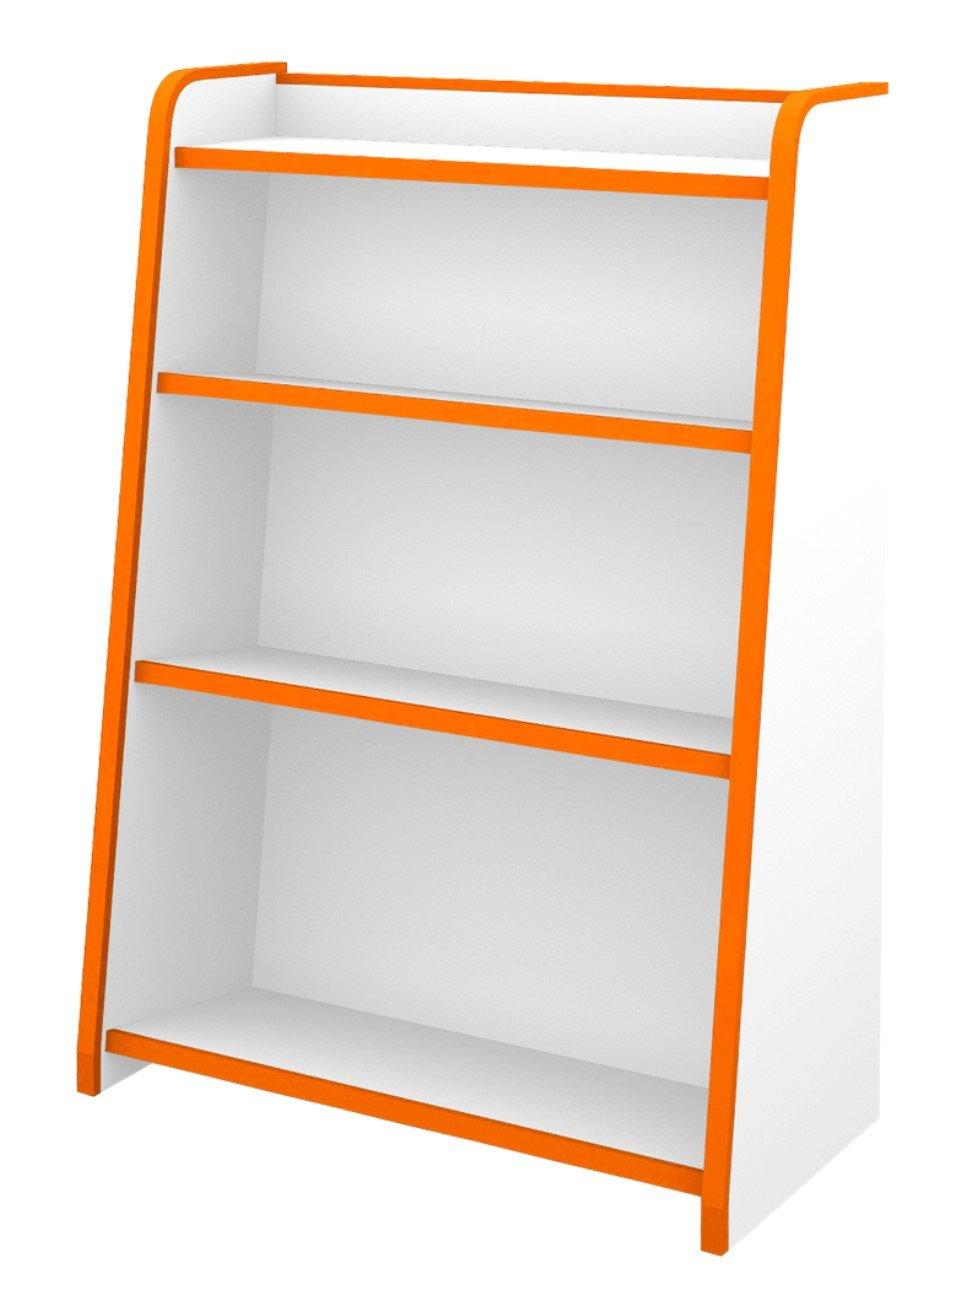 本棚 シェルフ ラック ブックシェルフ ほんだな 幅63cm カラー:オレンジ B01M25FDKE